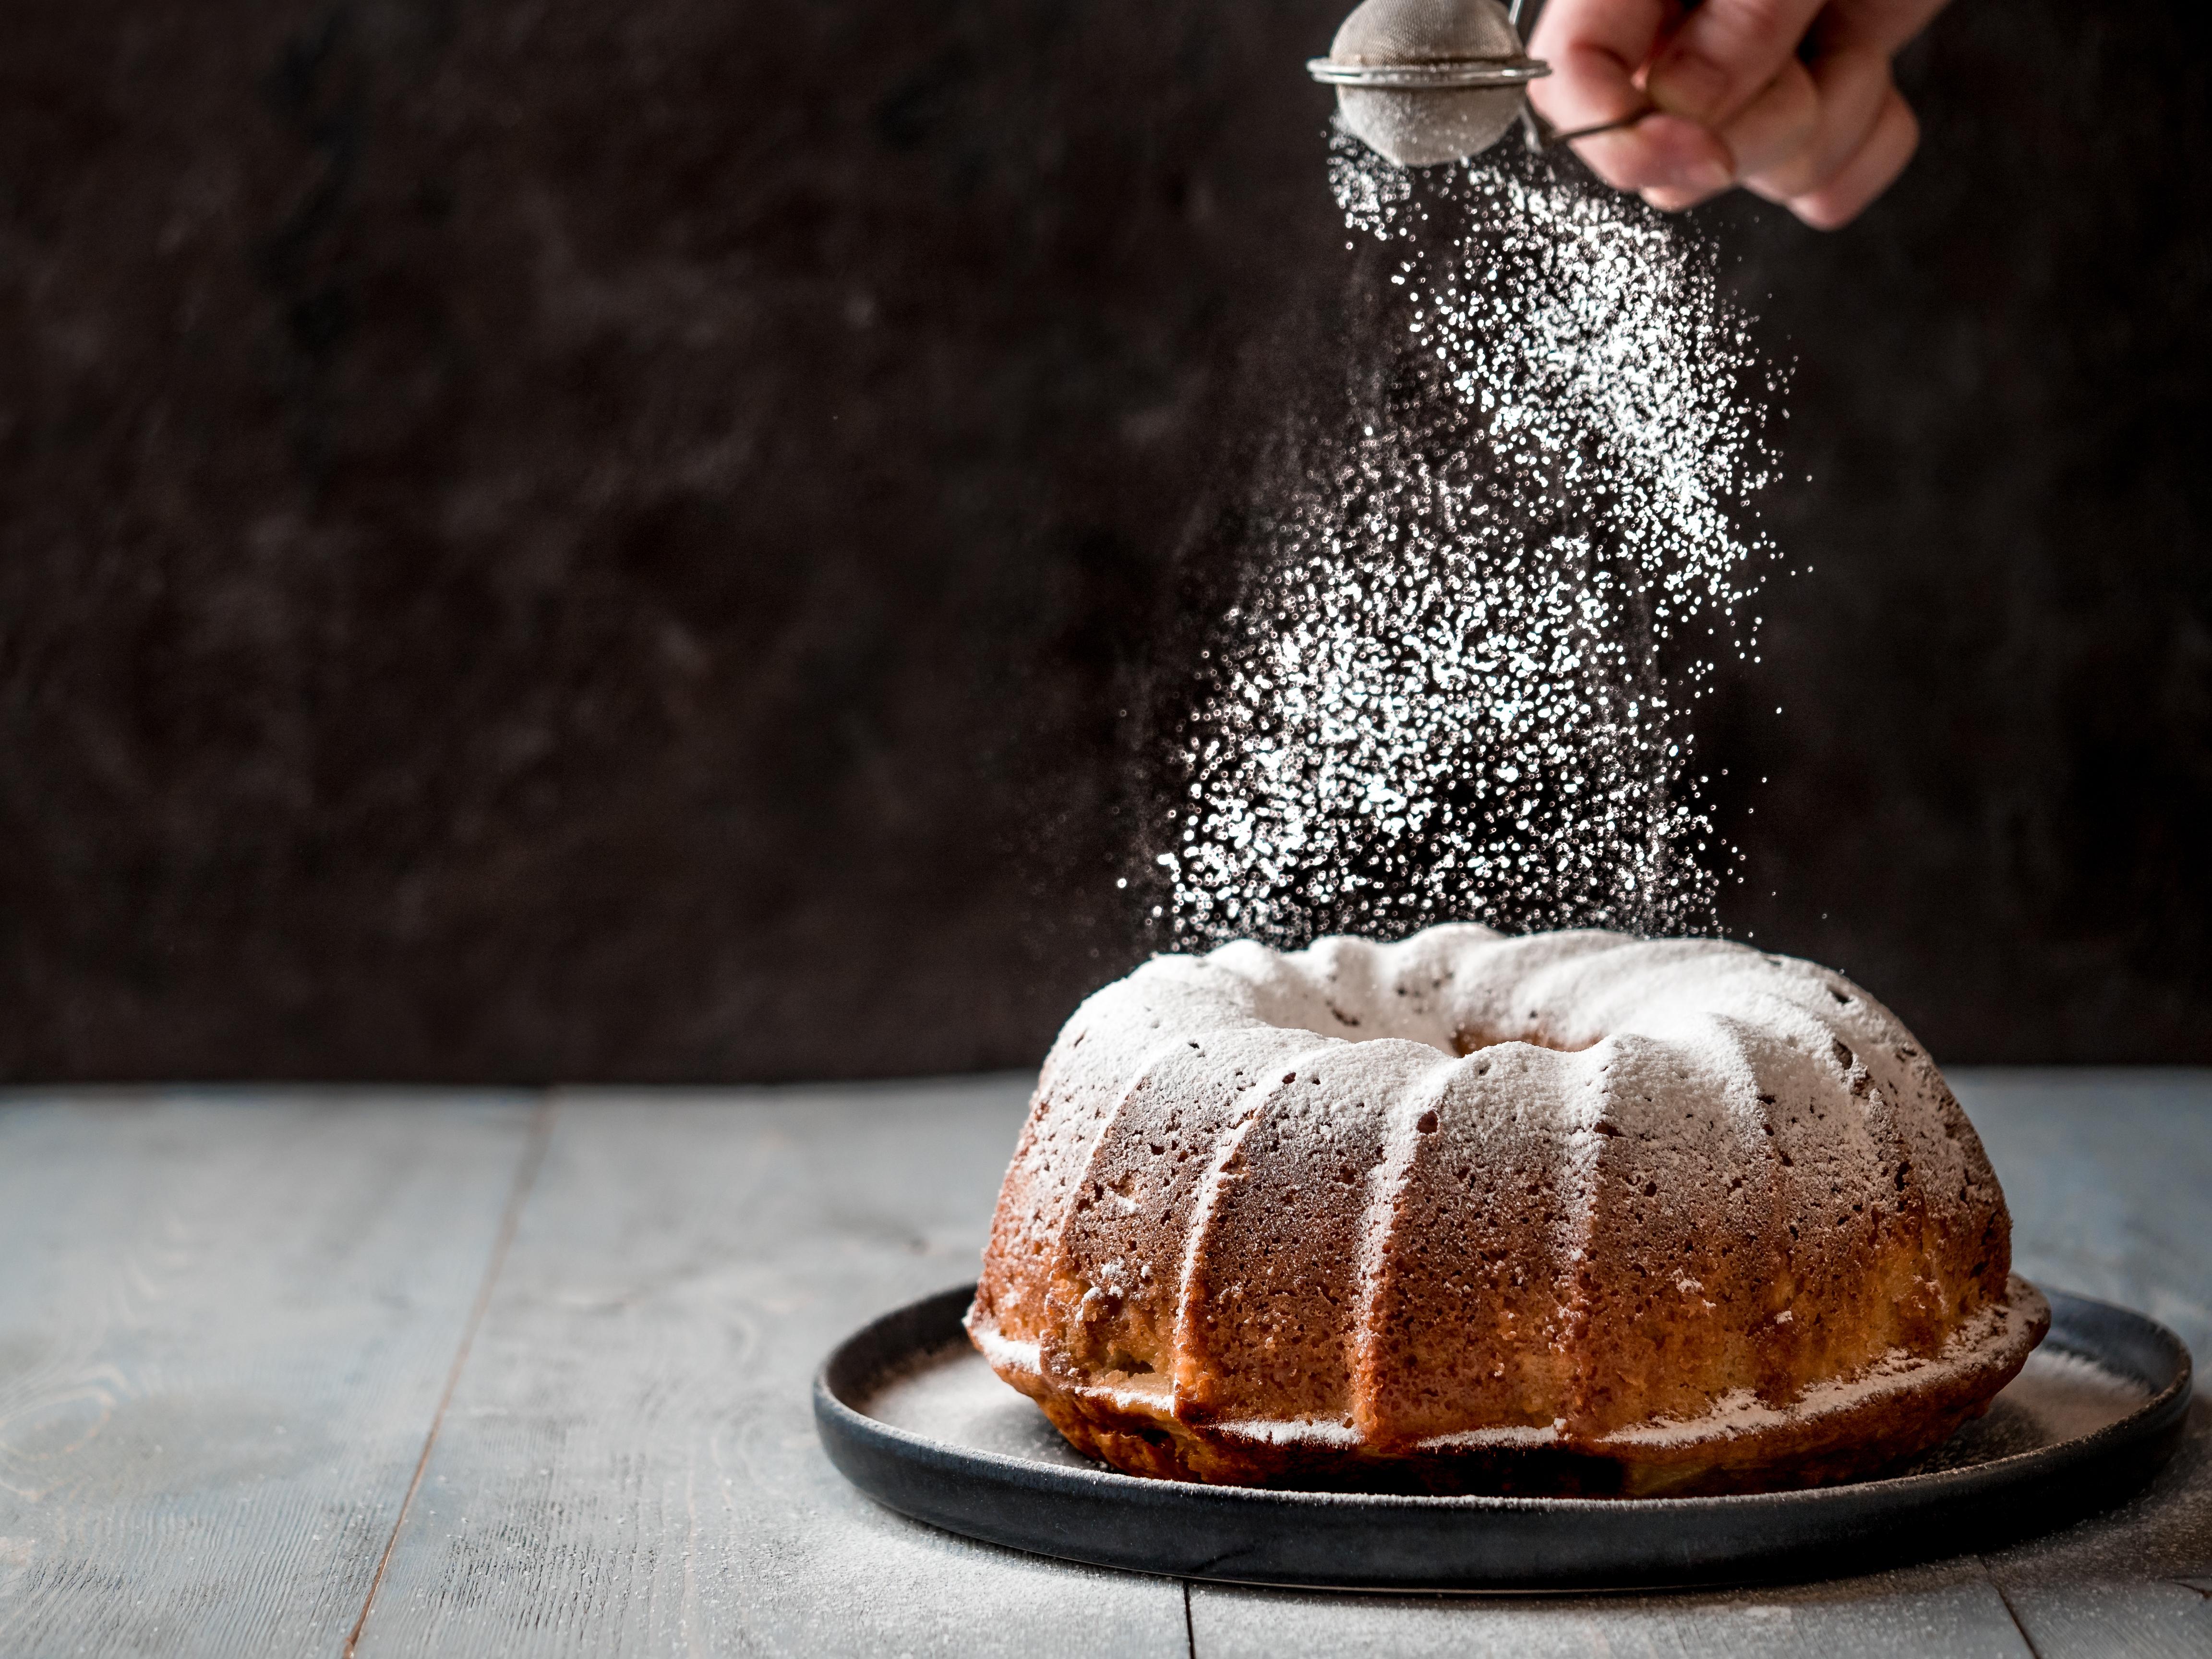 Icing Sugar on Cake